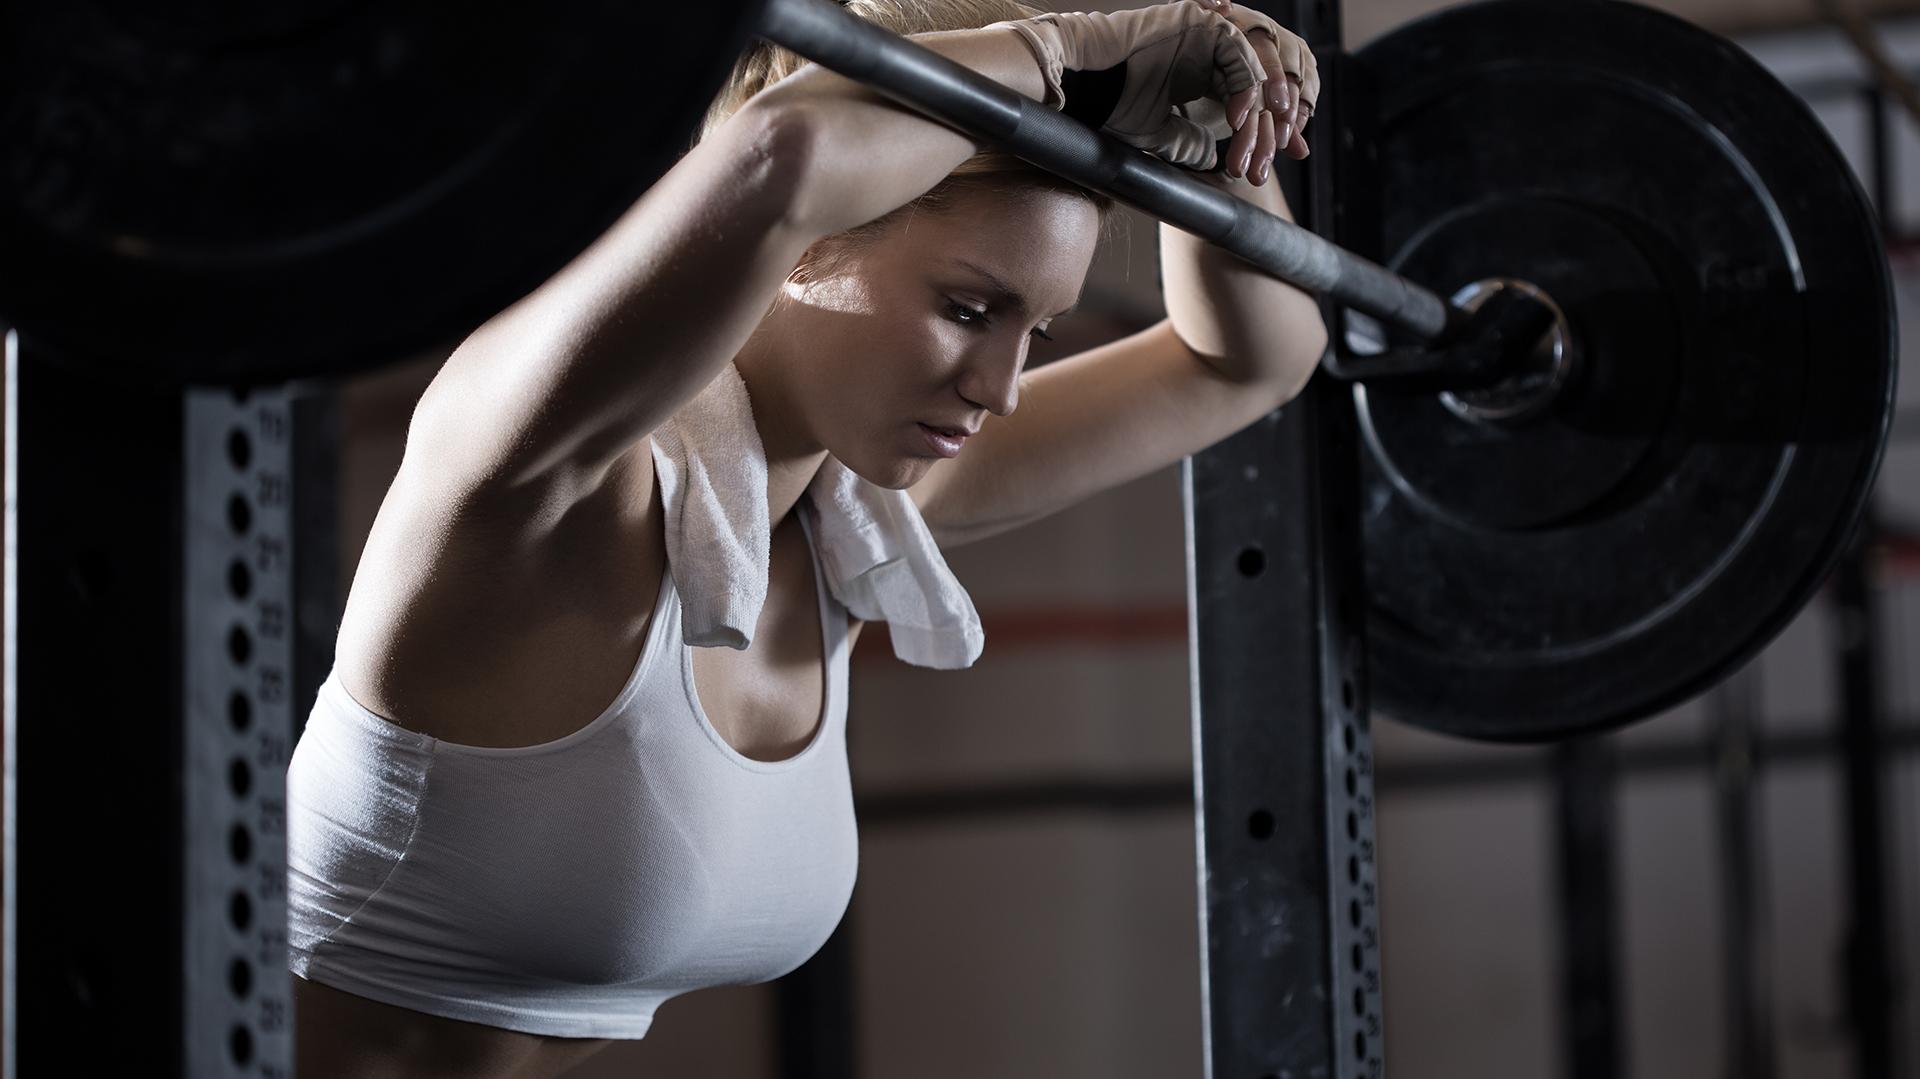 El sistema puede fallar y trás un ejercicio físico sufrir las consecuencias de una insolación (iStock)